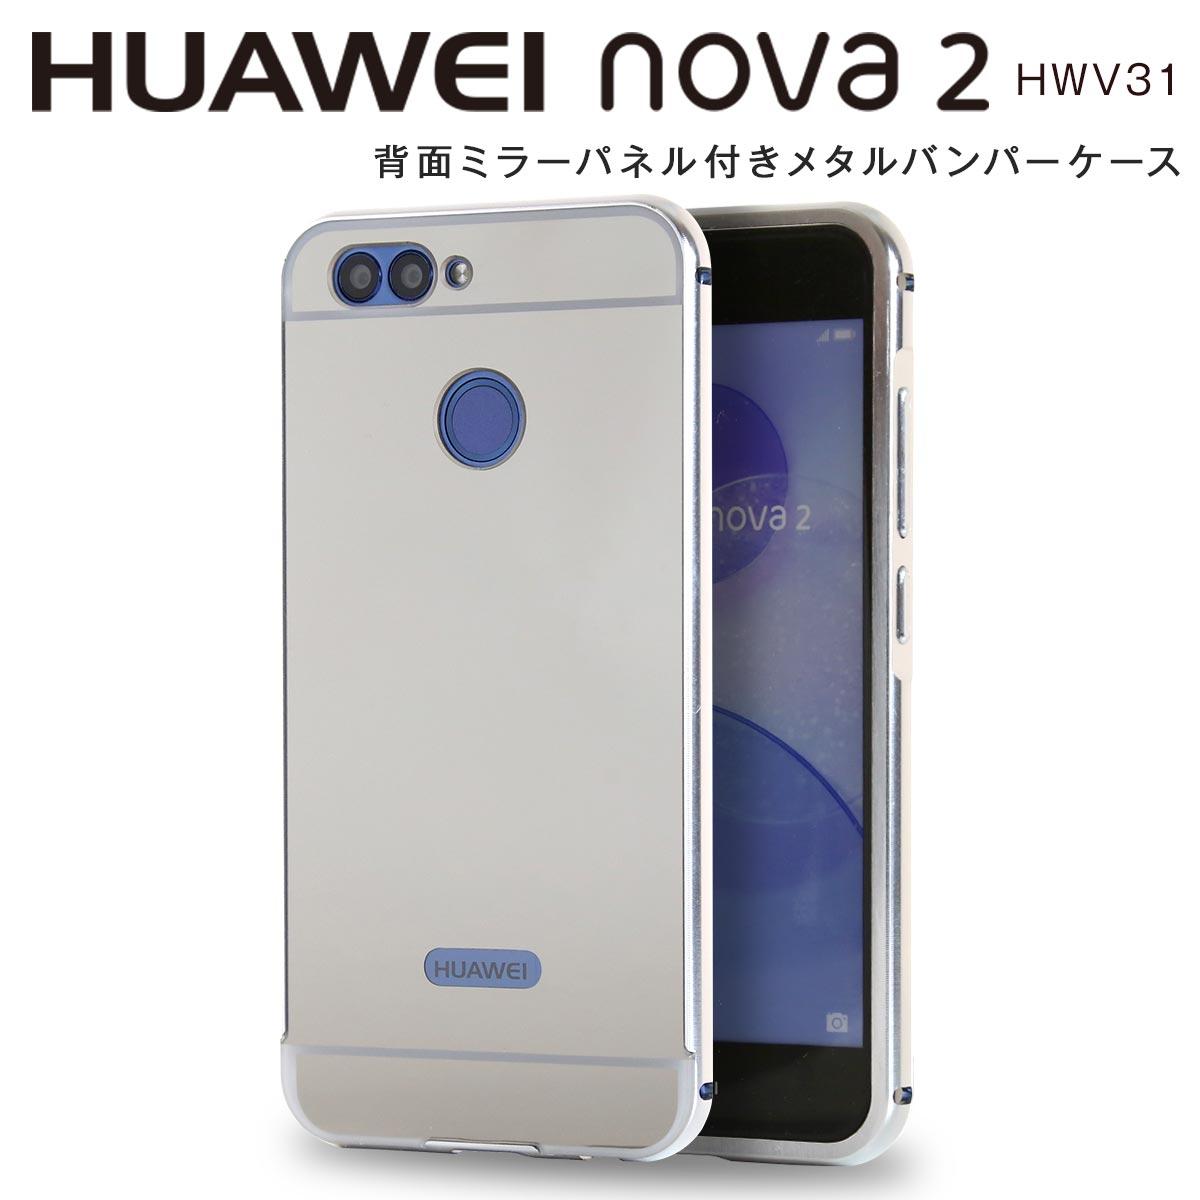 nova2 背面パネル付きバンパーメタルケース